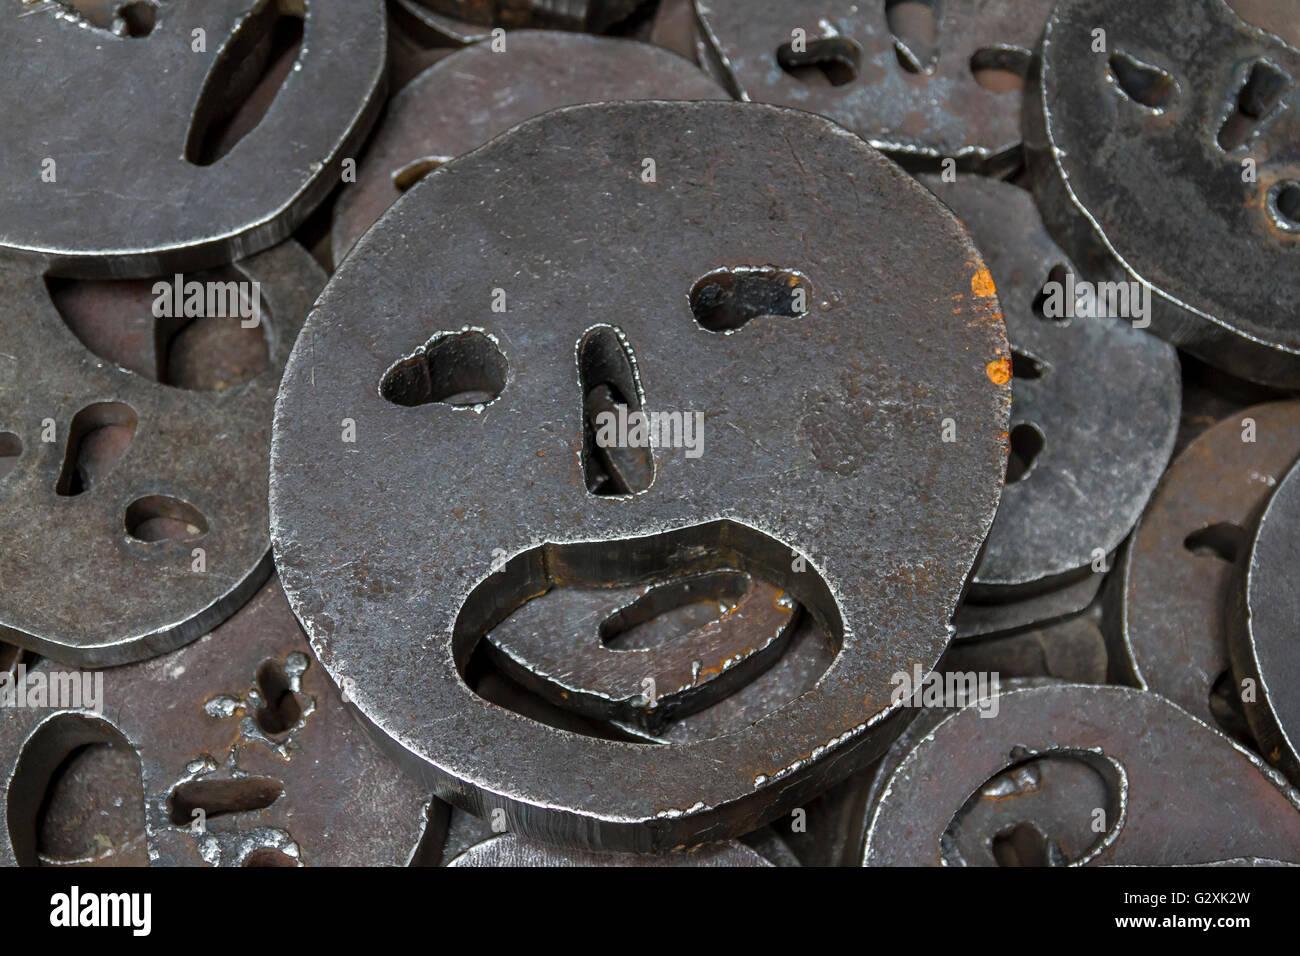 - Shalekhet hojas caídas,Instalación de superficies metálicas con la boca abierta, corte de planchas de hierro redondo Foto de stock